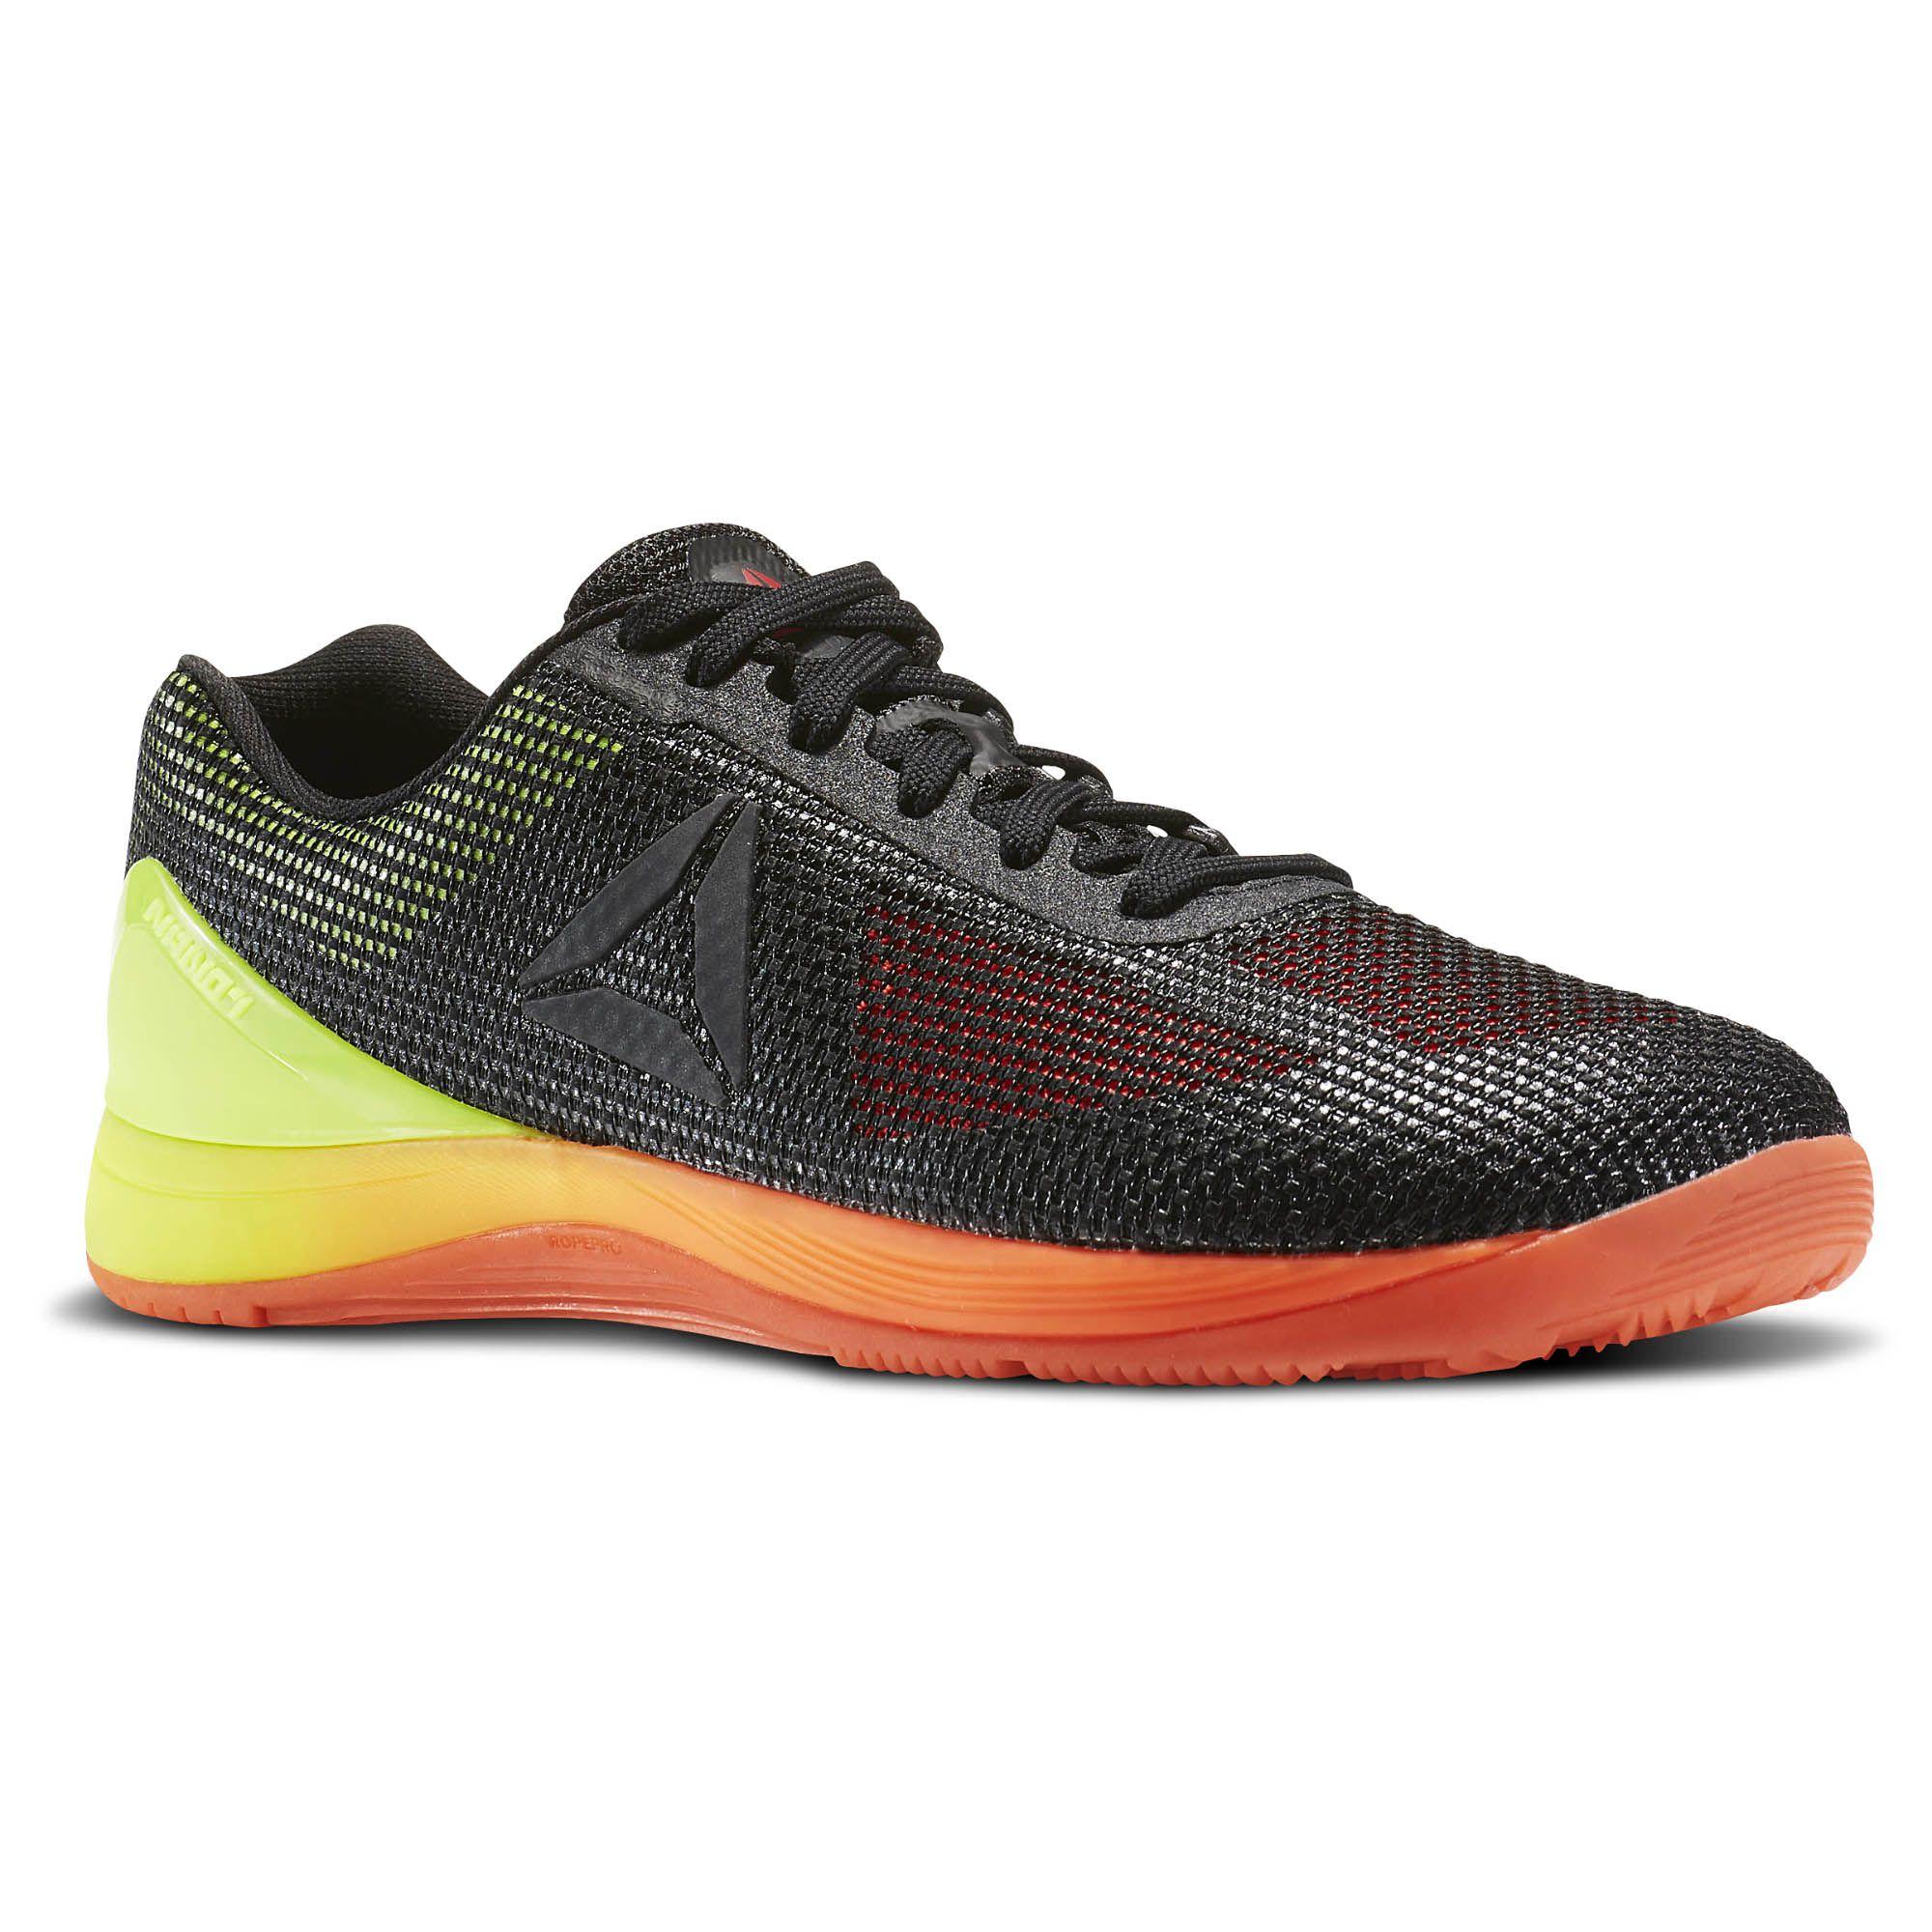 Представляем новейшие кроссовки Reebok CrossFit Nano 7.0